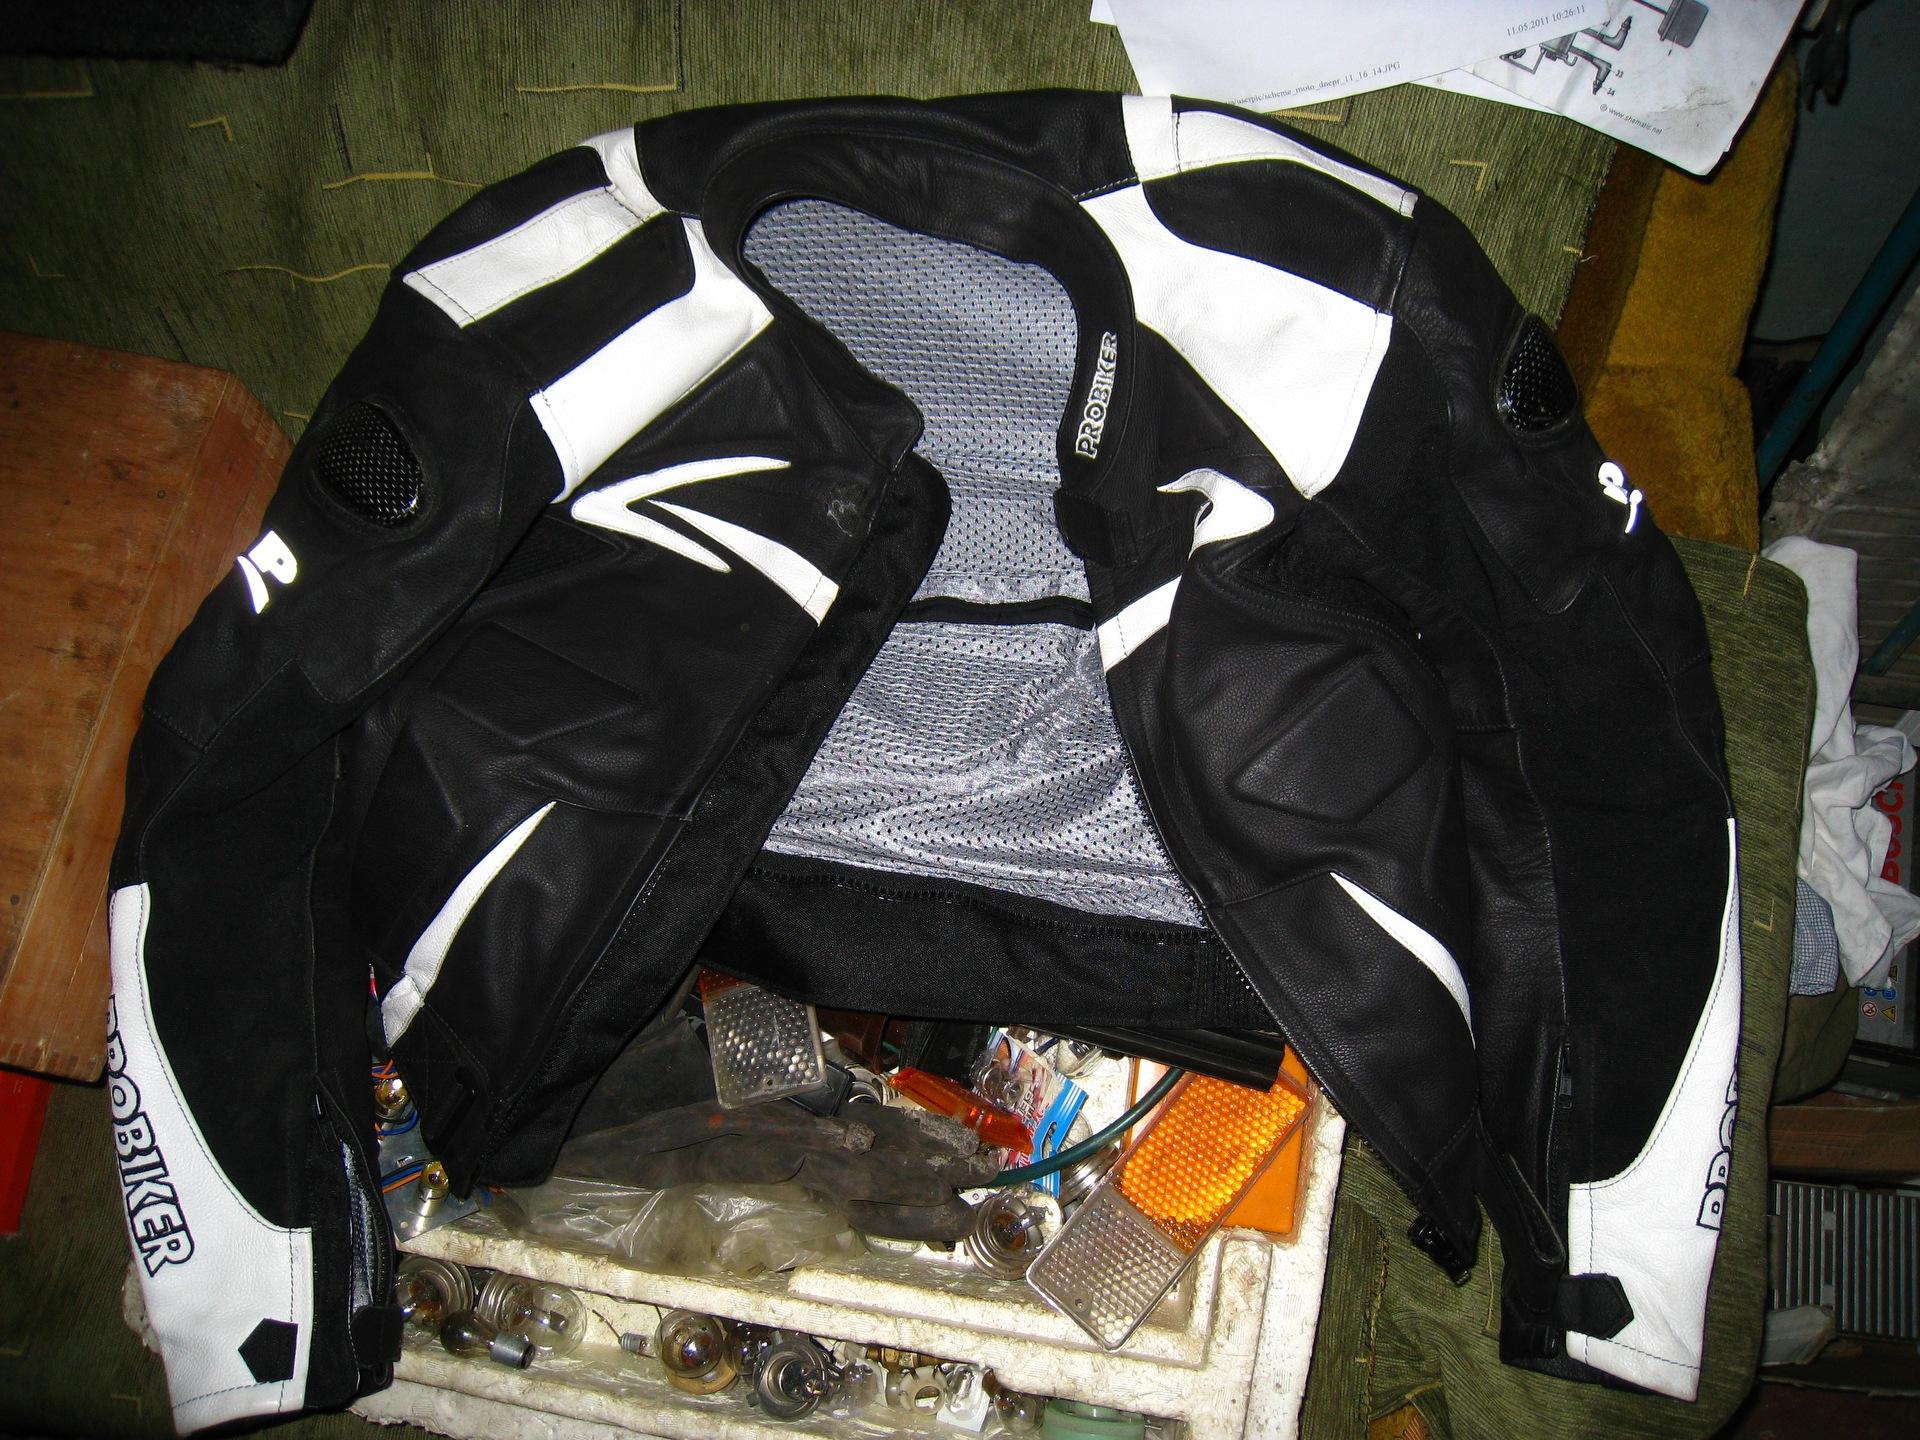 probiker prx 4 drive2. Black Bedroom Furniture Sets. Home Design Ideas